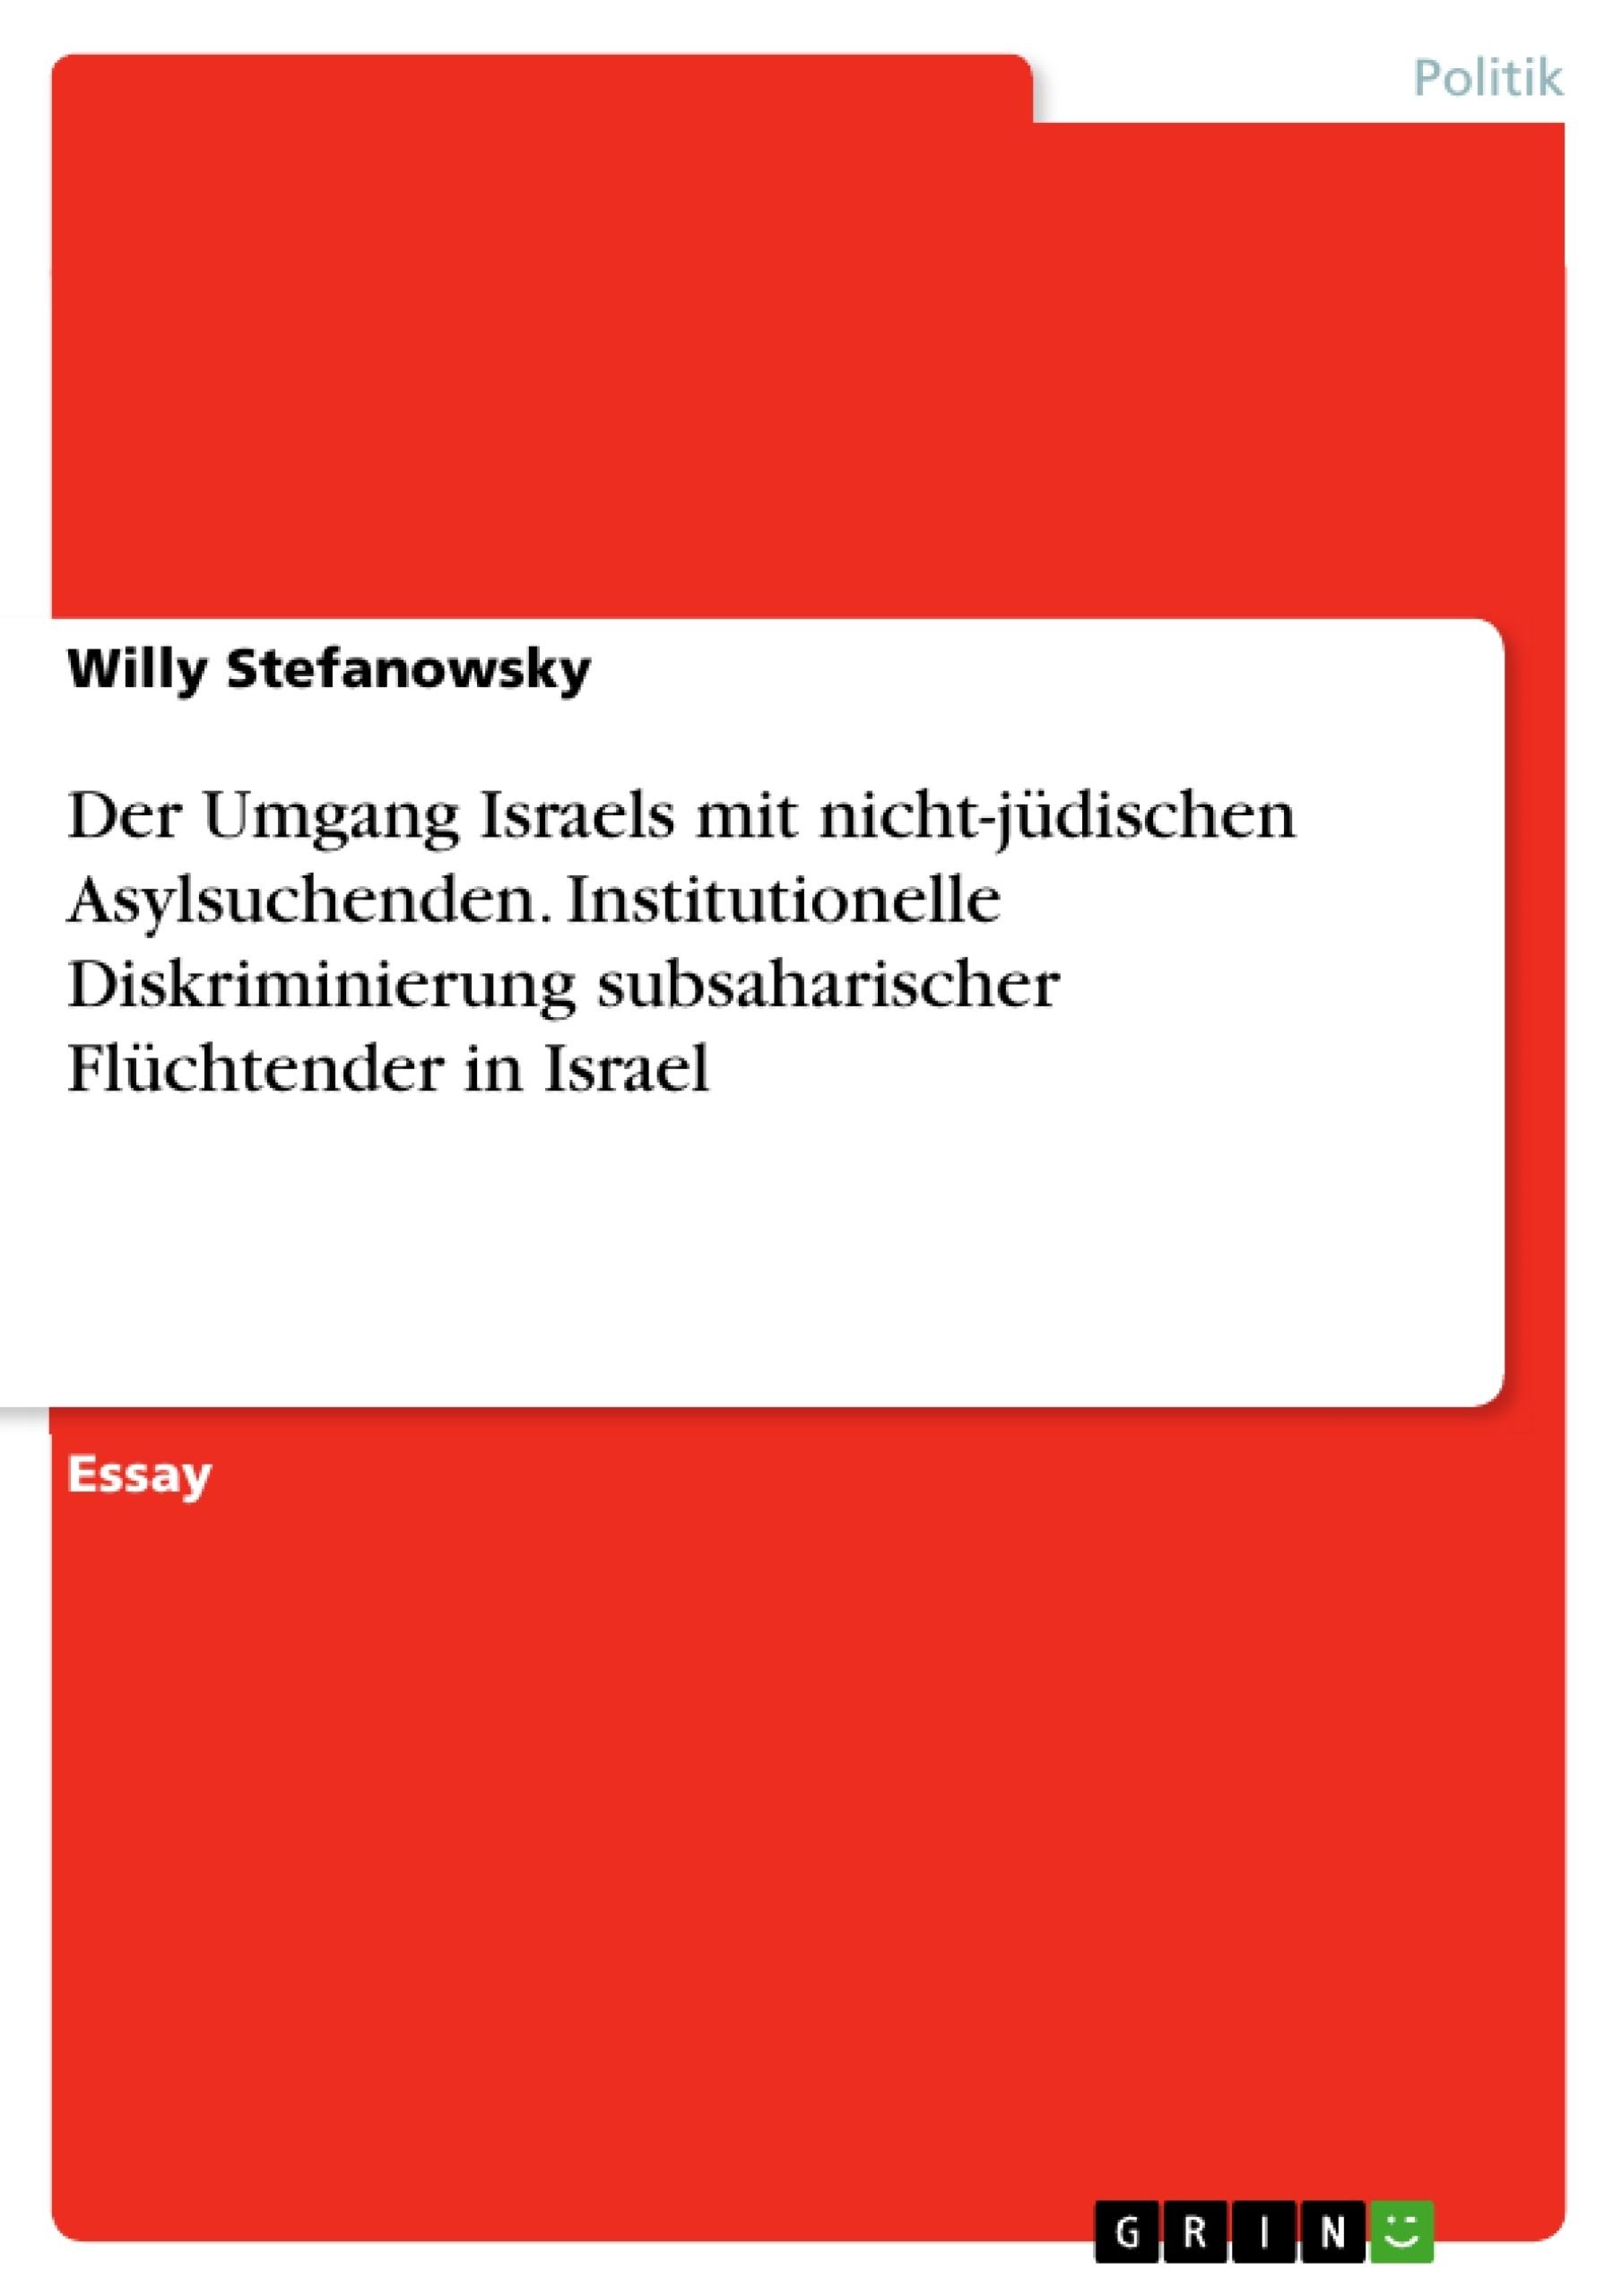 Titel: Der Umgang Israels mit nicht-jüdischen Asylsuchenden. Institutionelle Diskriminierung subsaharischer Flüchtender in Israel